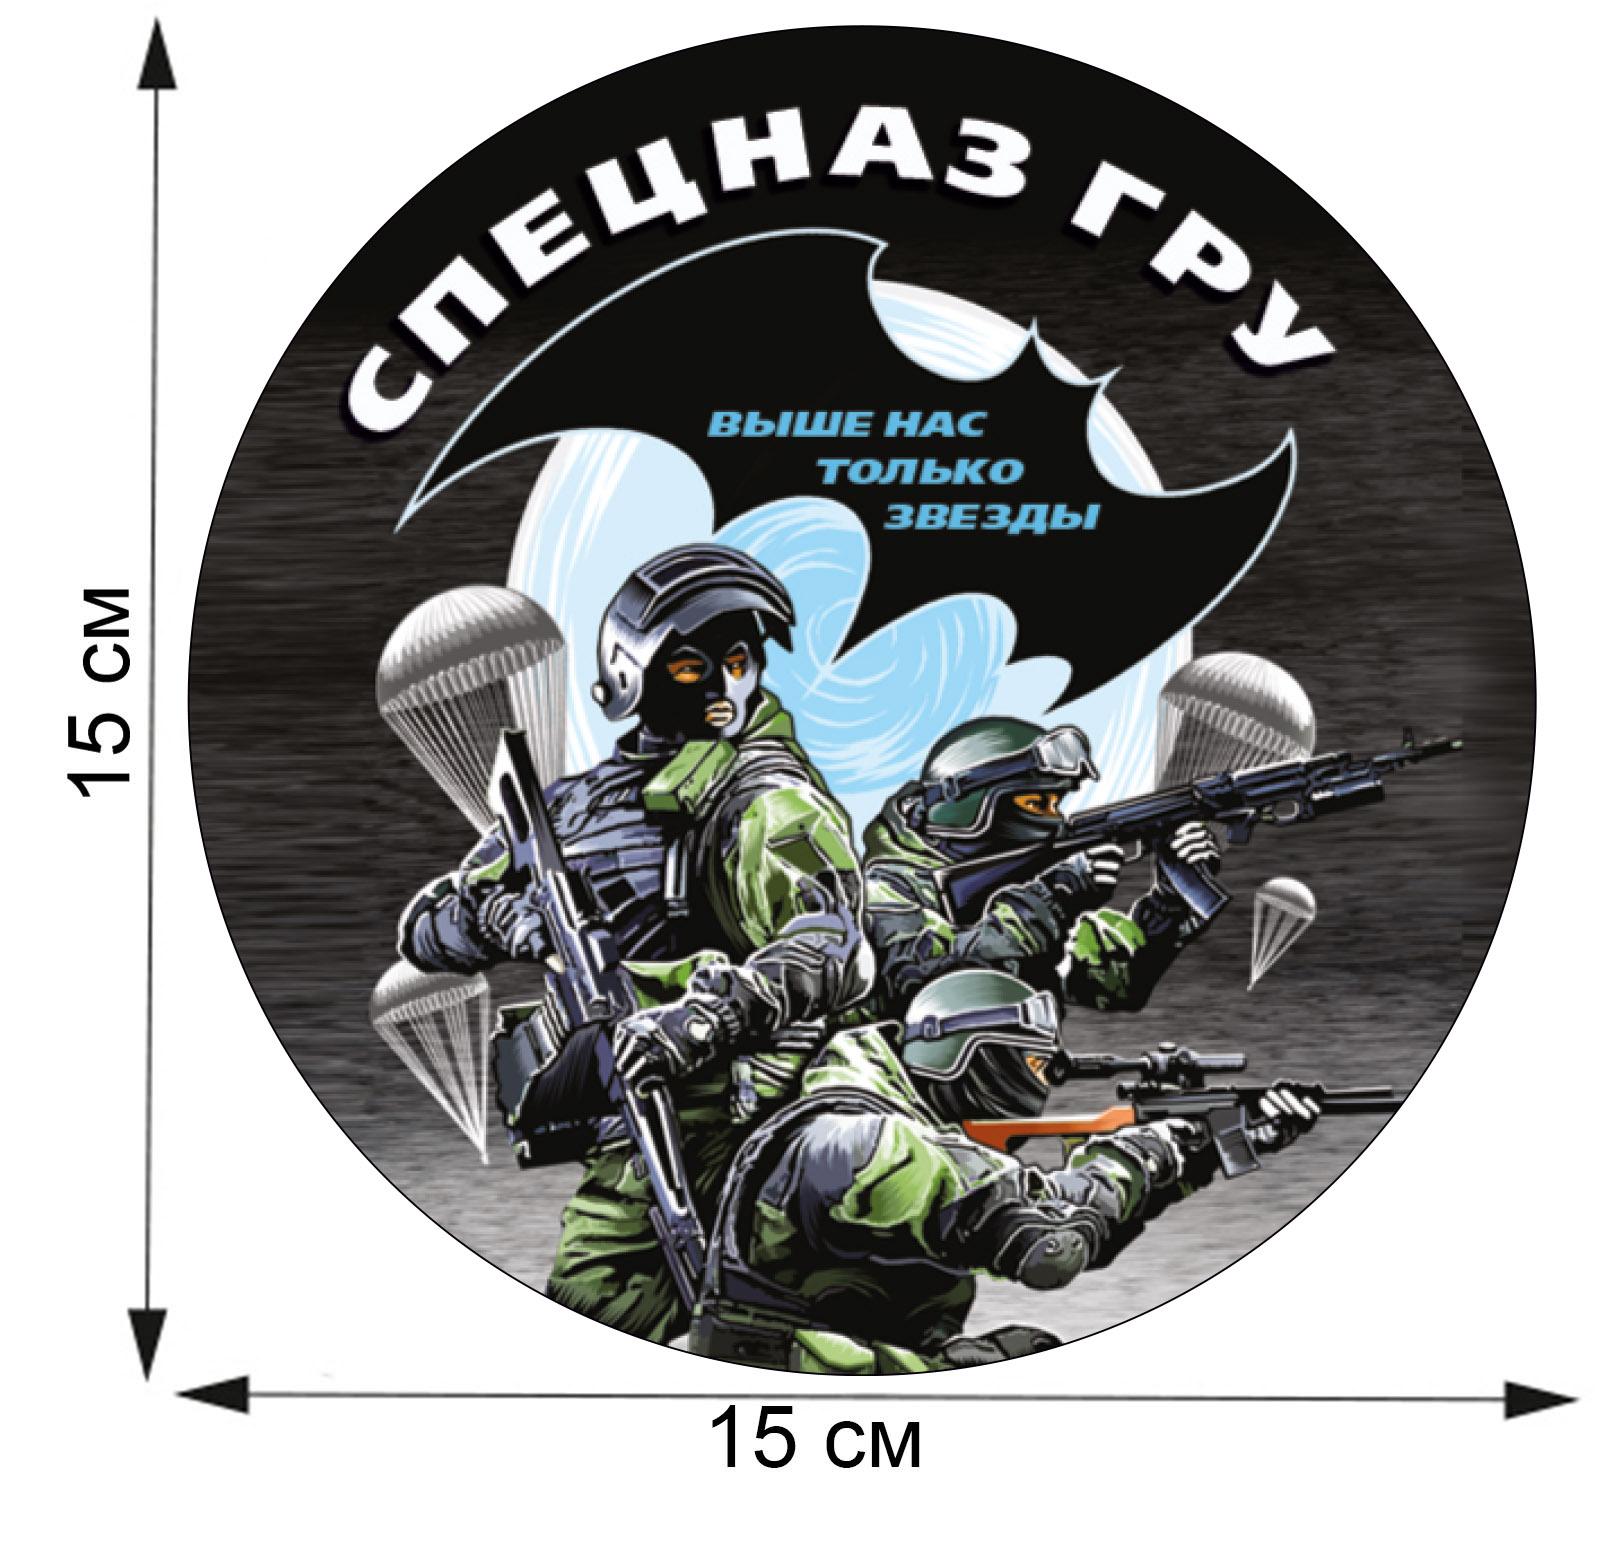 Достойная наклейка элитных подразделений Спецназа ГРУ